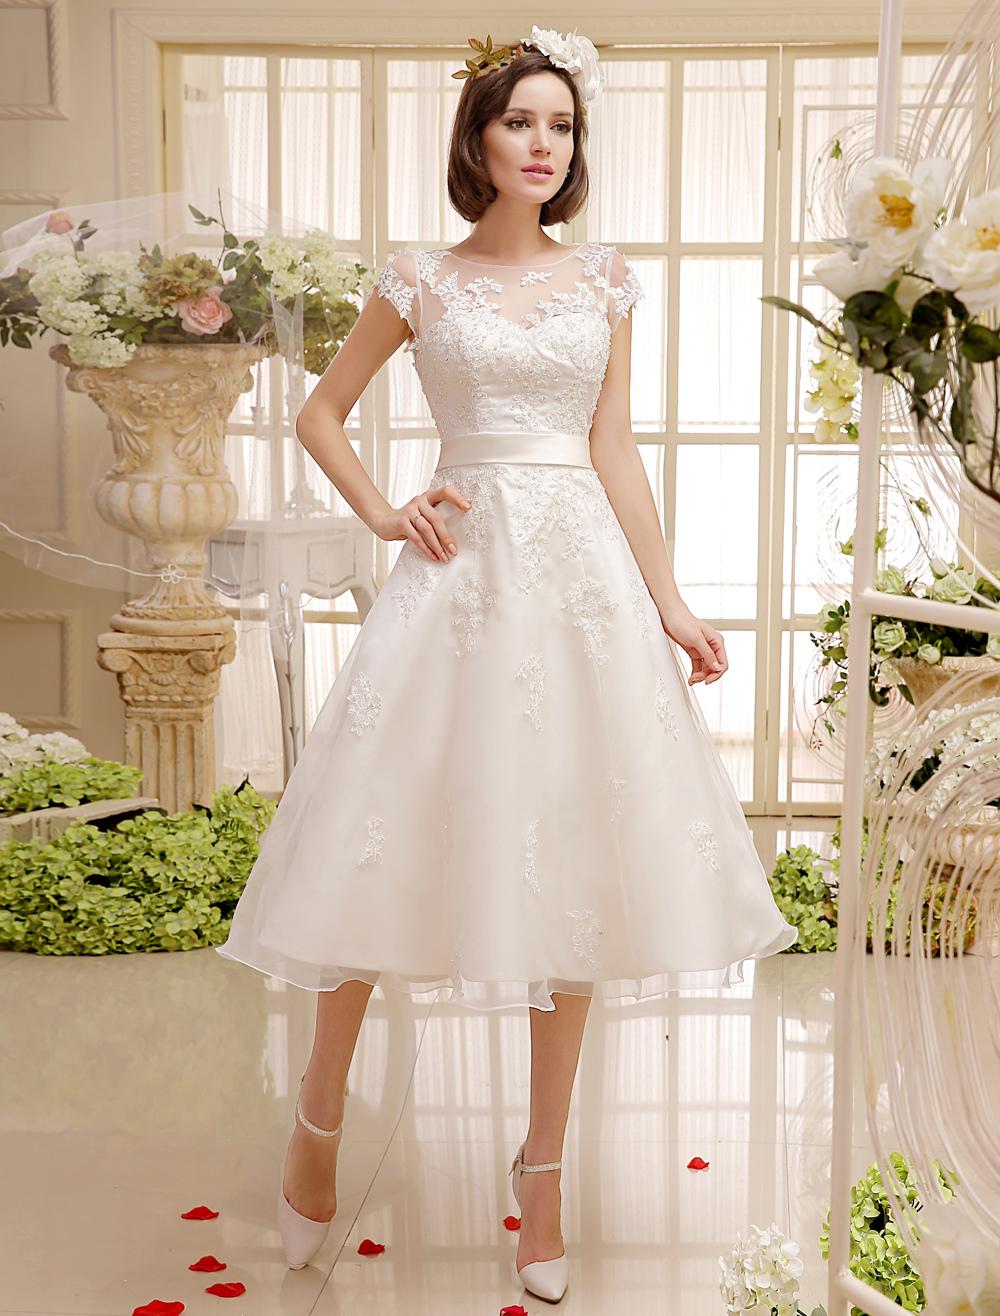 85e9ae550 ... Cortos Vestidos de Boda Márfil 2019 Apliques de Encaje Vintage Falda  Bridal Illusion Sweetheart Espalda Abierta ...